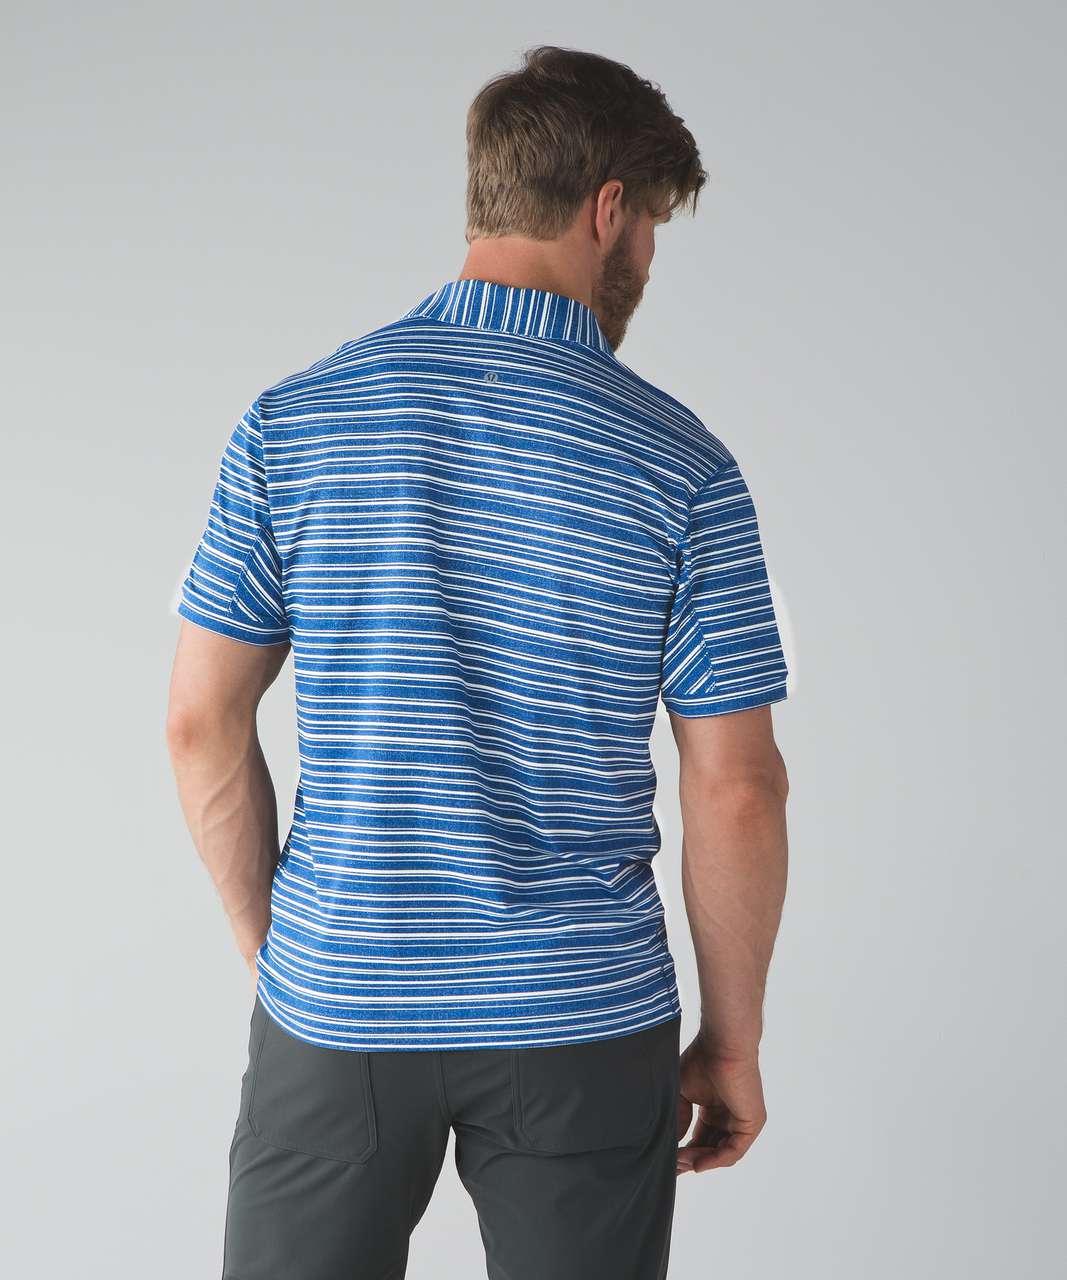 Lululemon Propel Polo - Cut Back Stripe Linen White Angel Wing